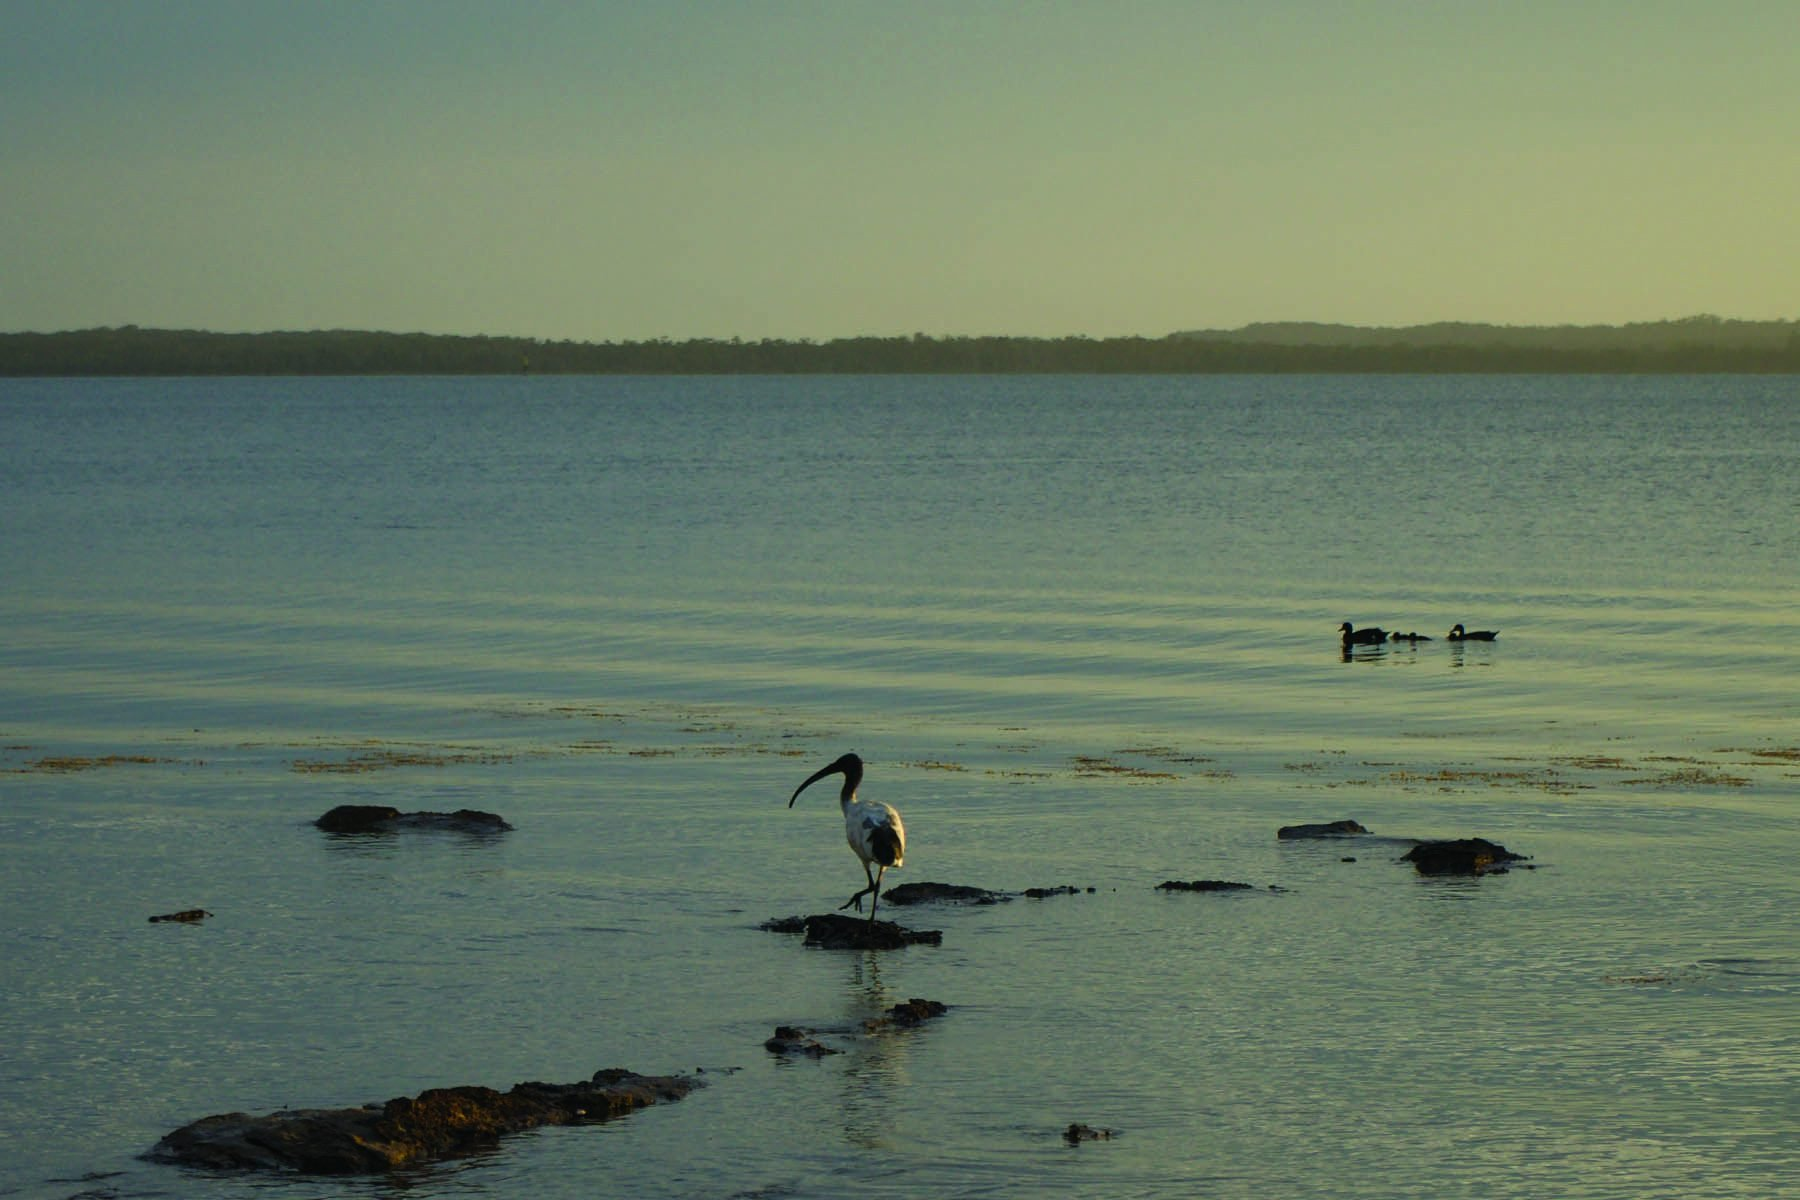 Poise ~ Southern NSW, Australia